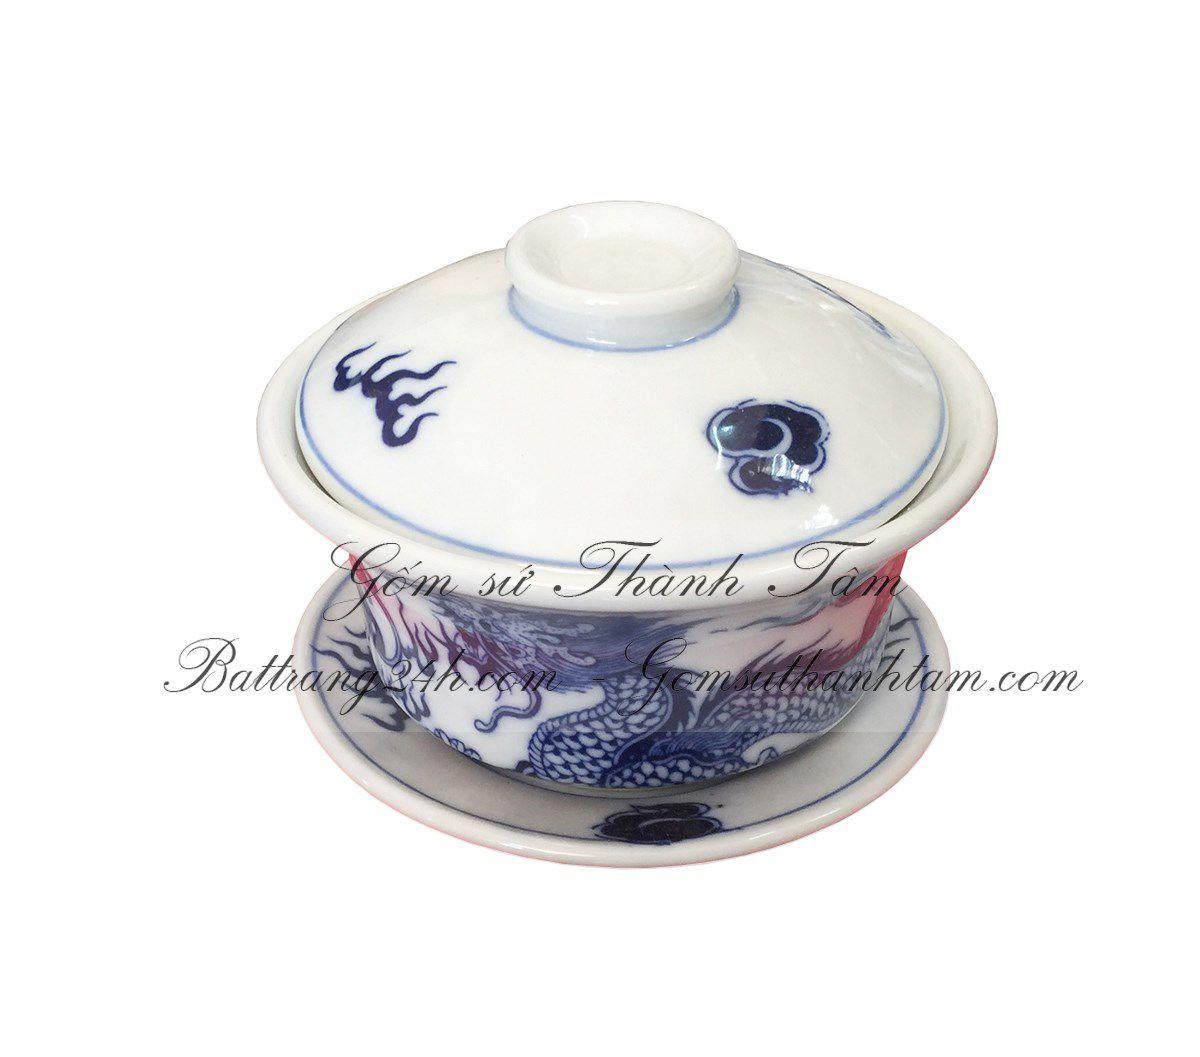 Bán thờ cúng trà sâm bằng gốm sứ Bát Tràng cao cấp đẹp mắt, bàn thờ cúng chất lượng